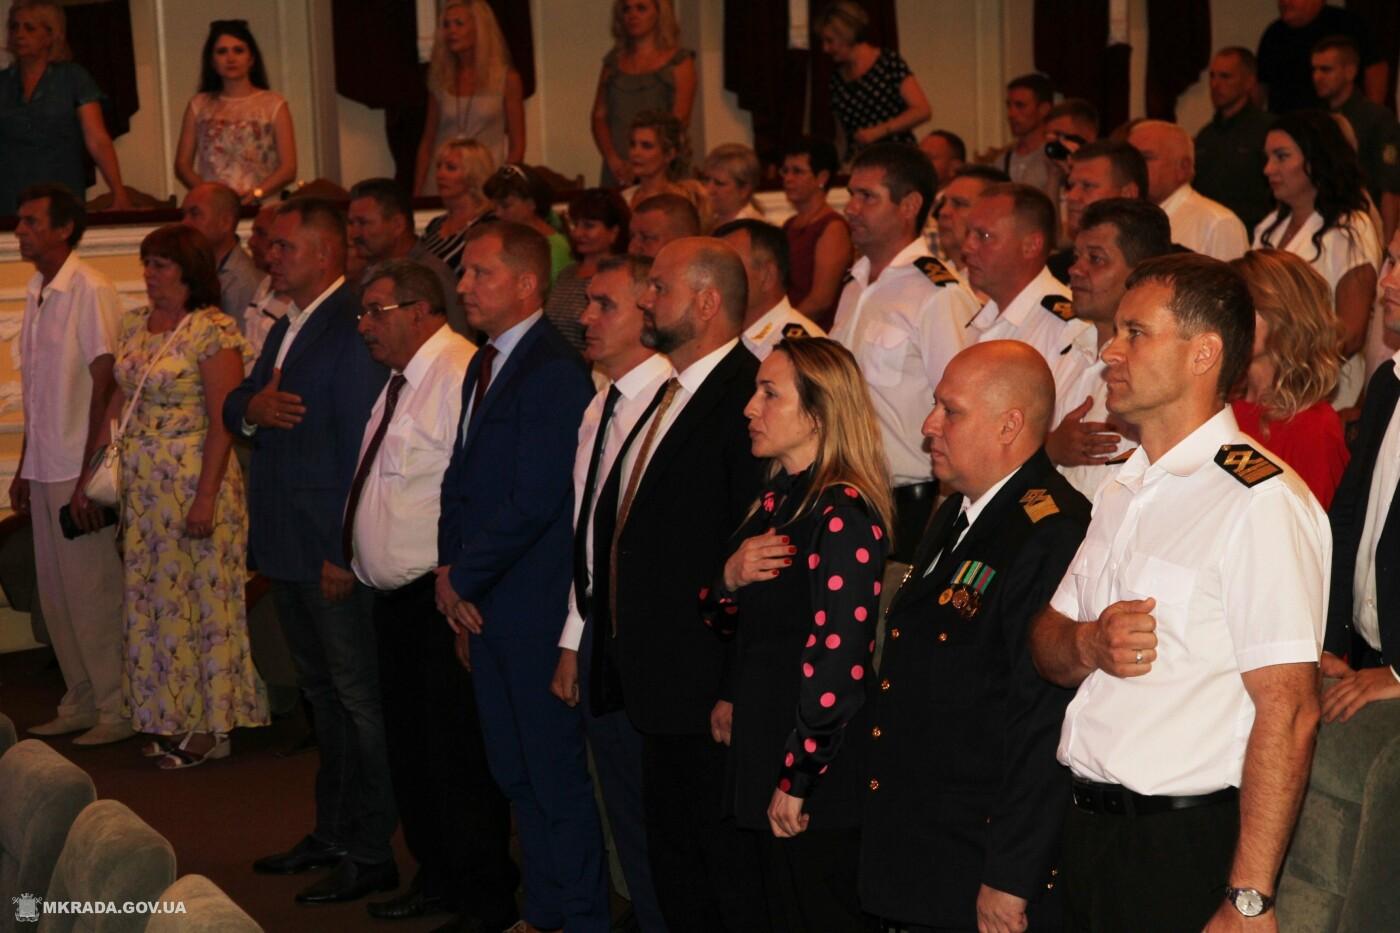 В Николаеве отпраздновали 230 годовщину основания Николаевского морского порта, - ФОТО, фото-7